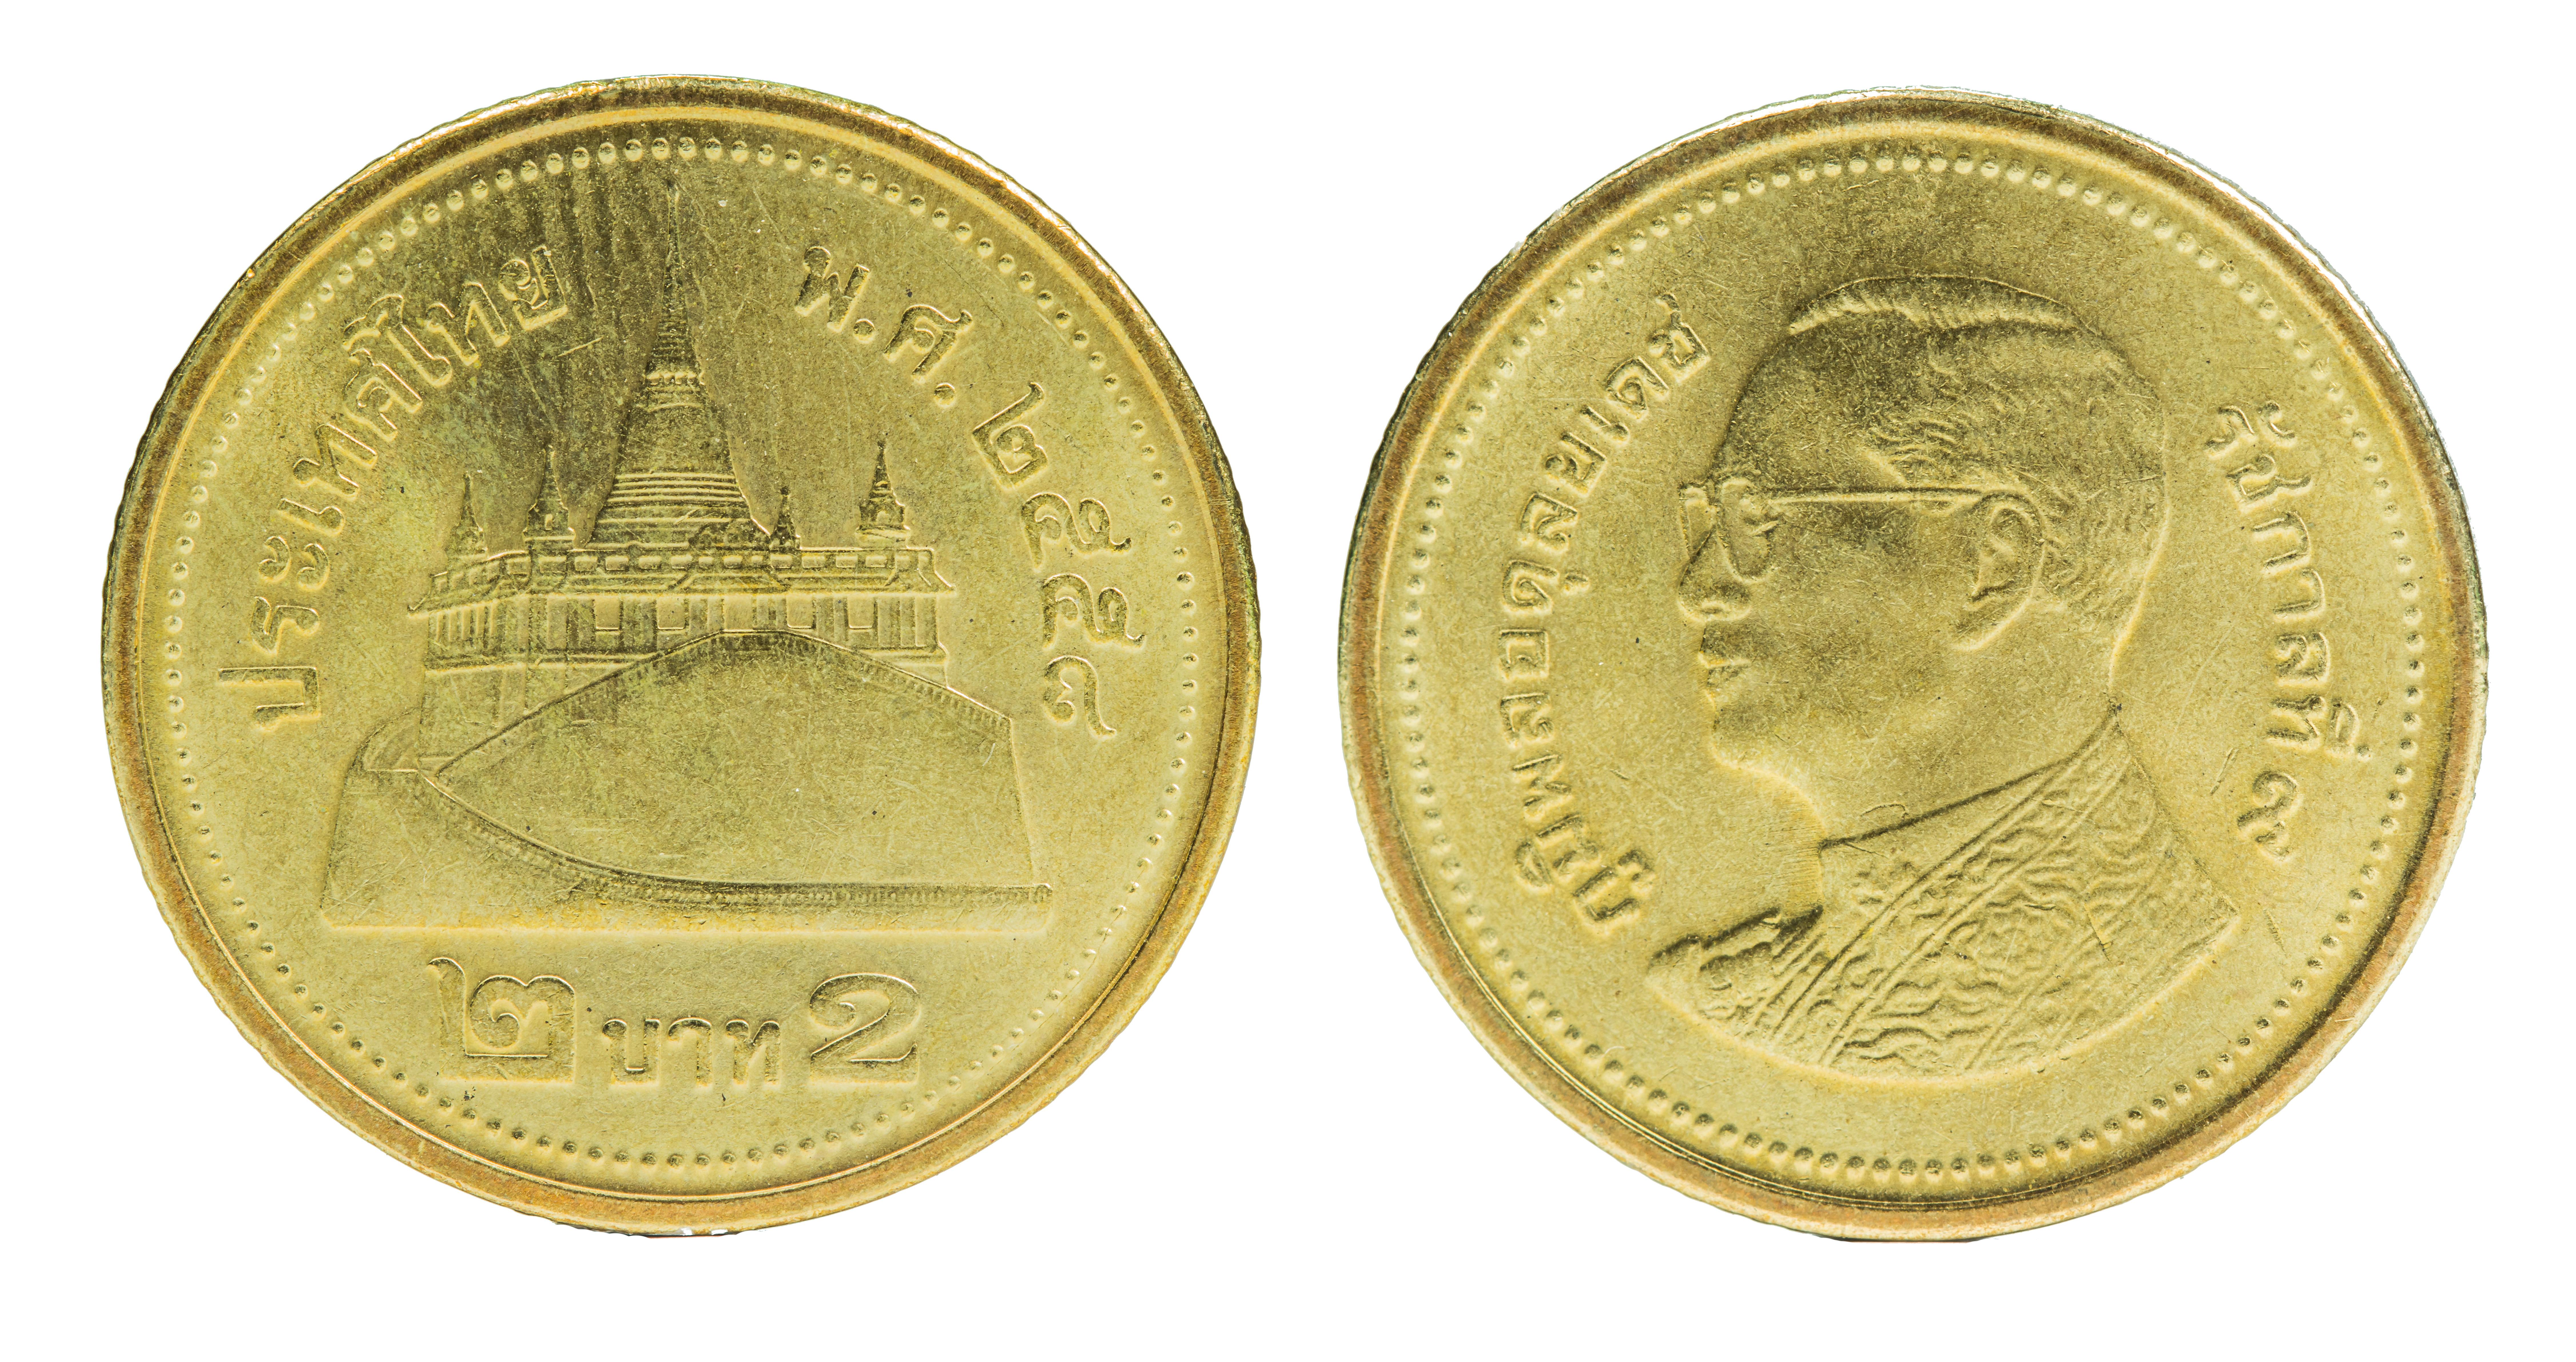 タイの硬貨 2バーツ 変更後